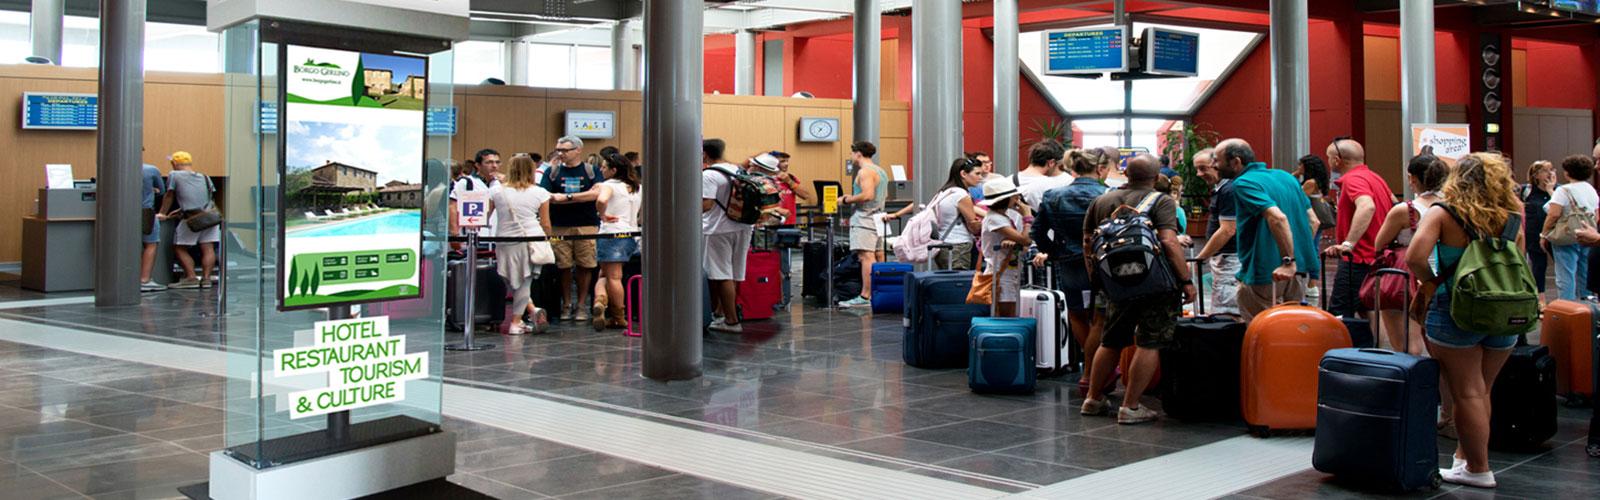 BBS-promozione-in-aeroporto